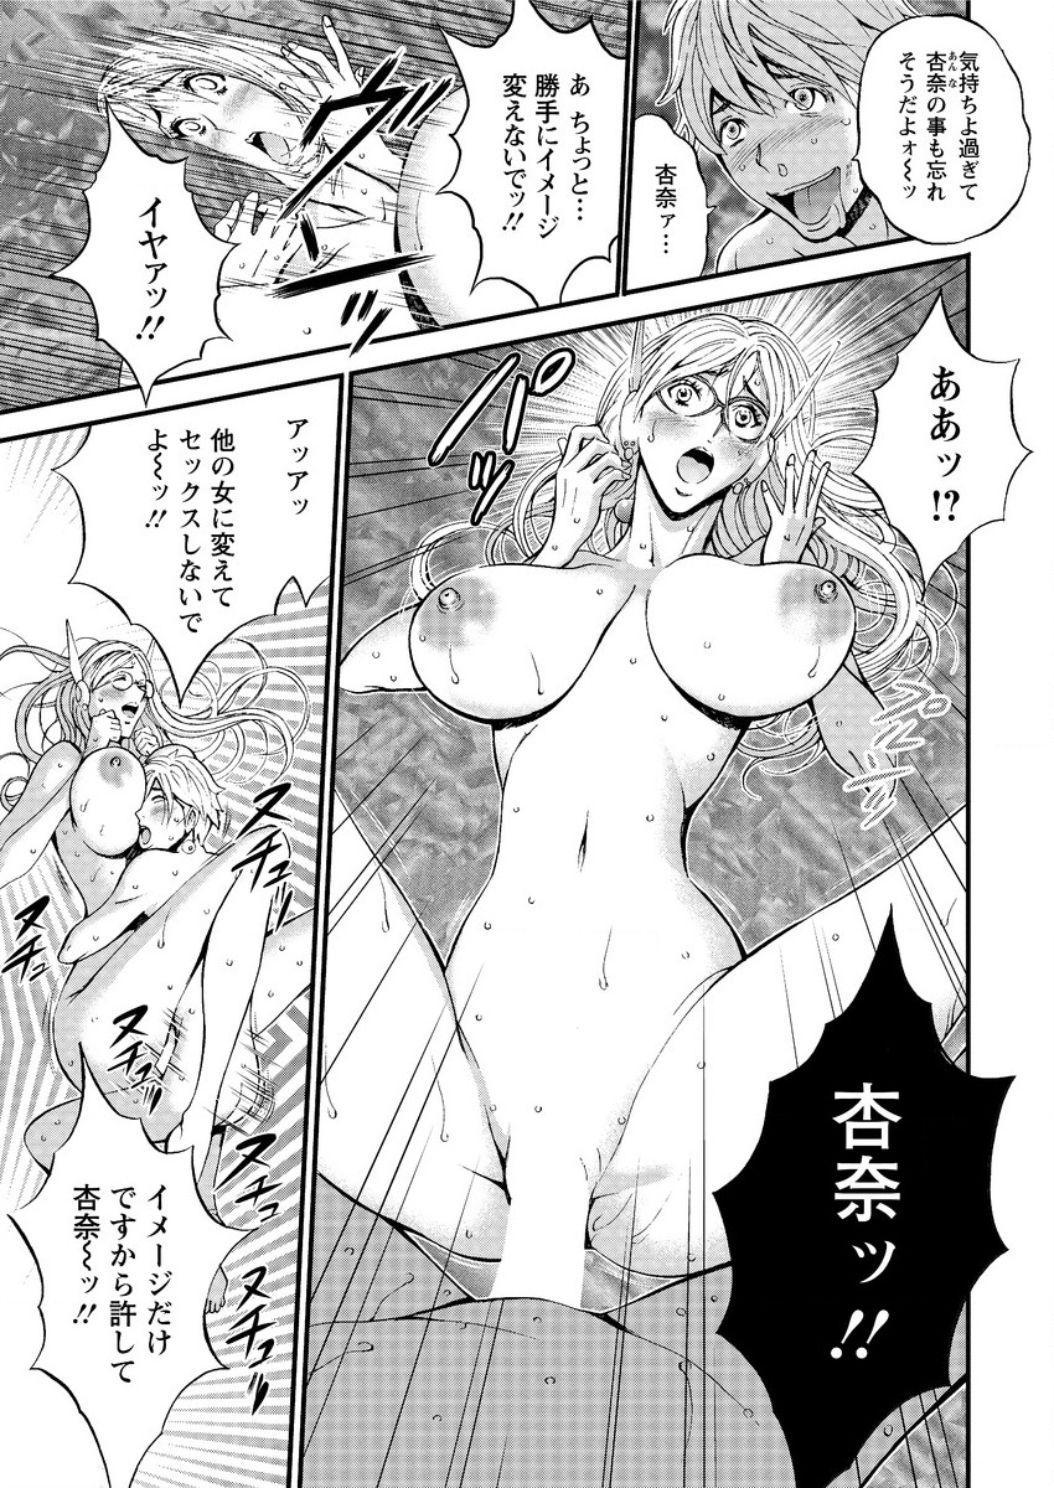 Seireki 2200 Nen no Ota Ch. 1-18 42